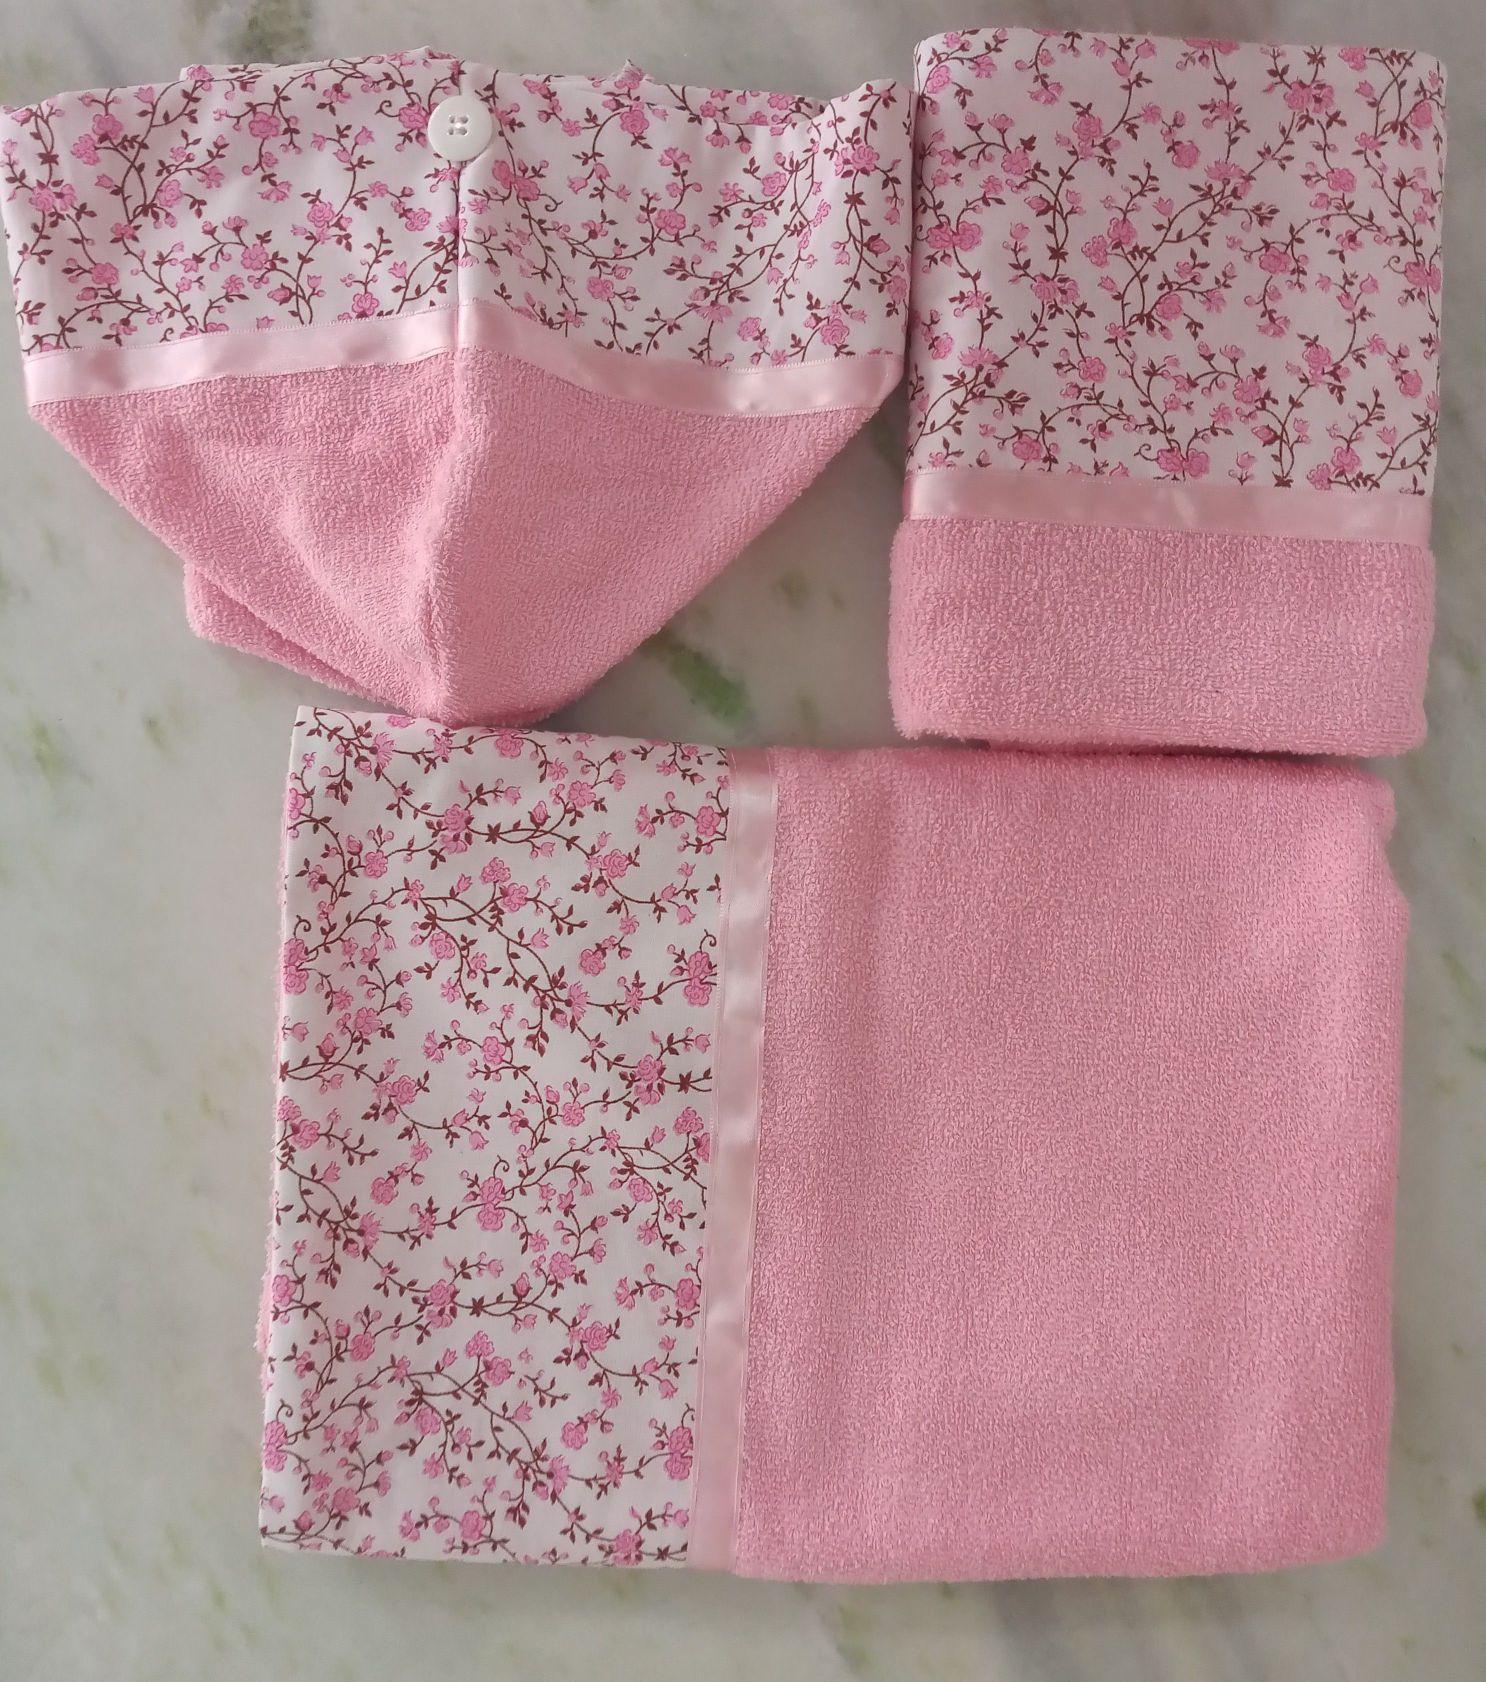 toalhas de: banho 75 x 144 rosto 50 x 86 cabelo